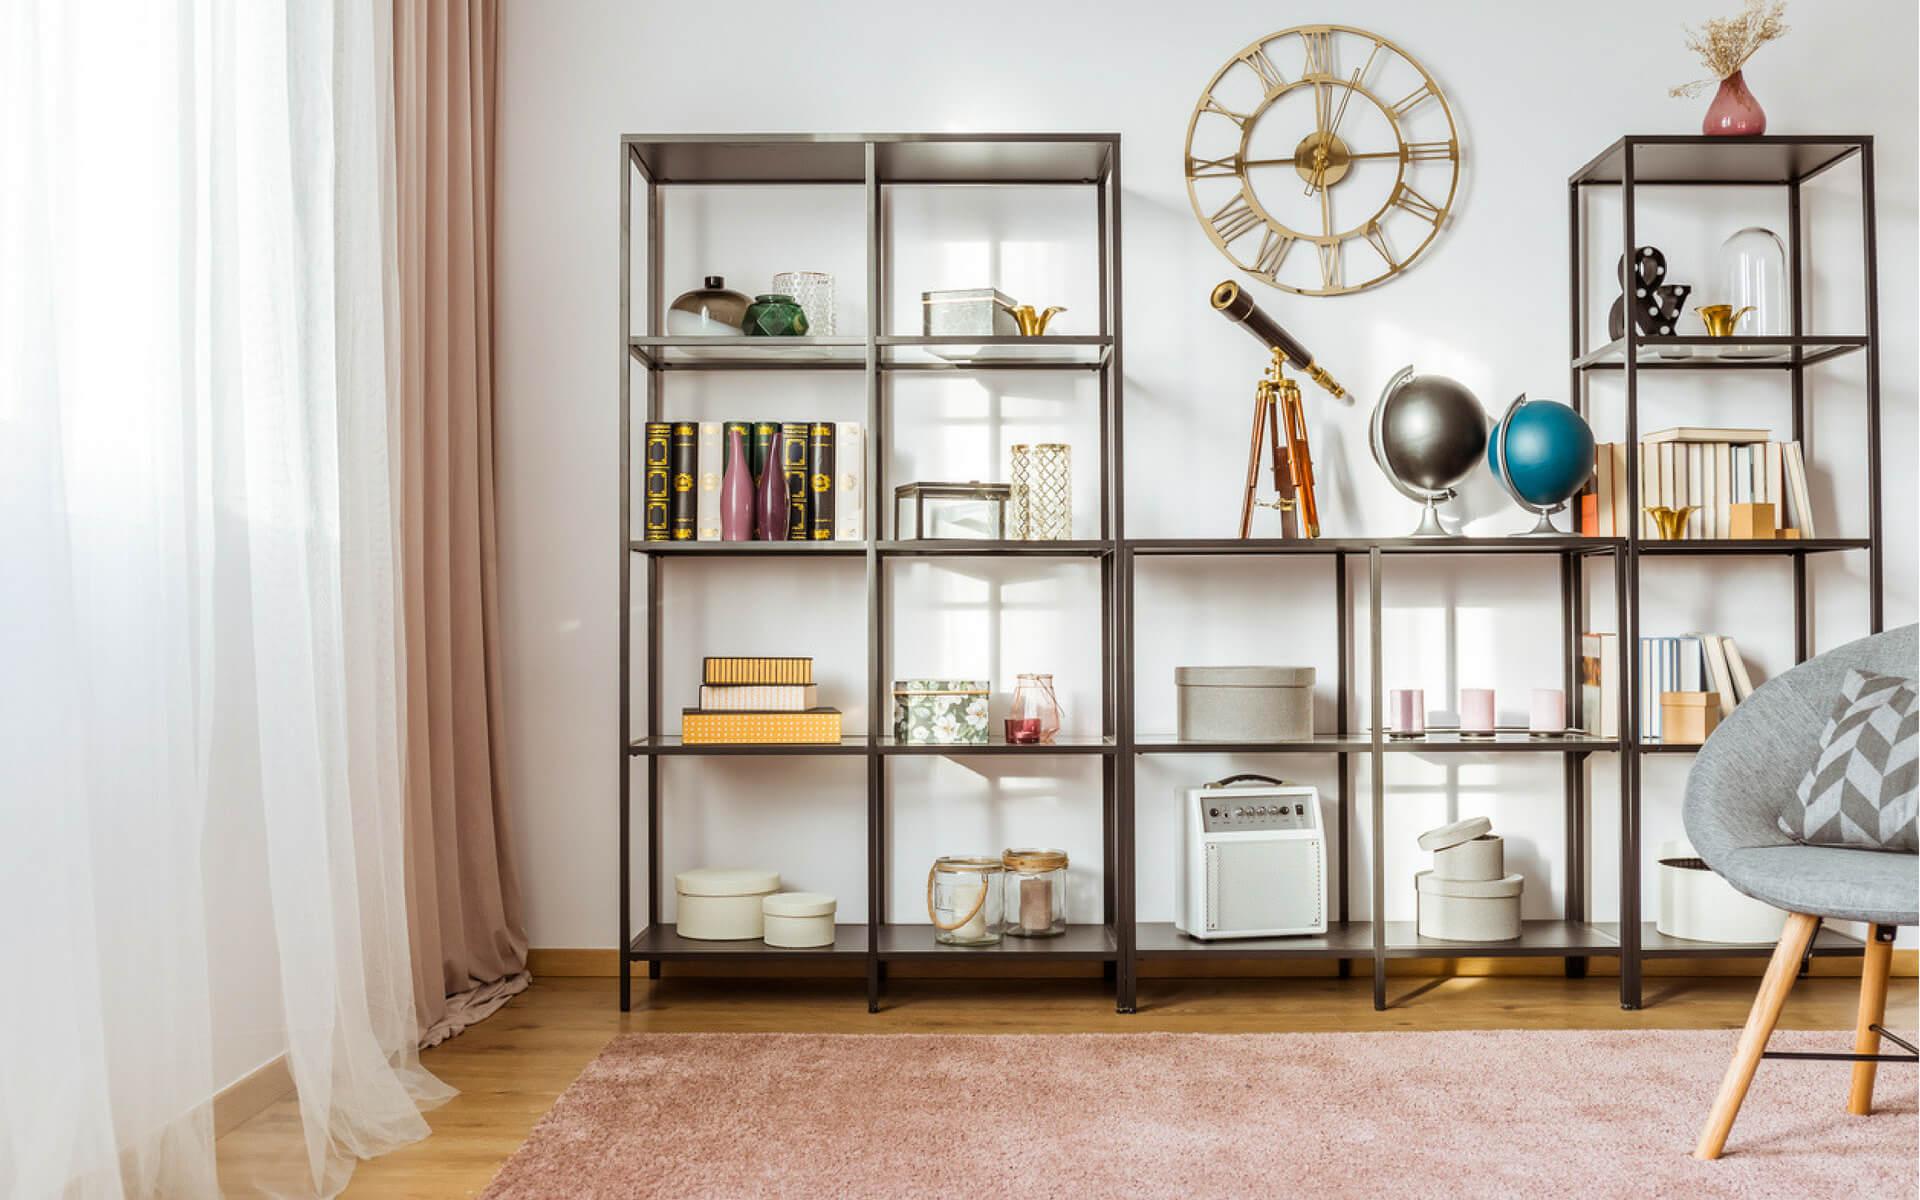 Come arredare una libreria in modo creativo blog oknoplast for Arredare con la luce